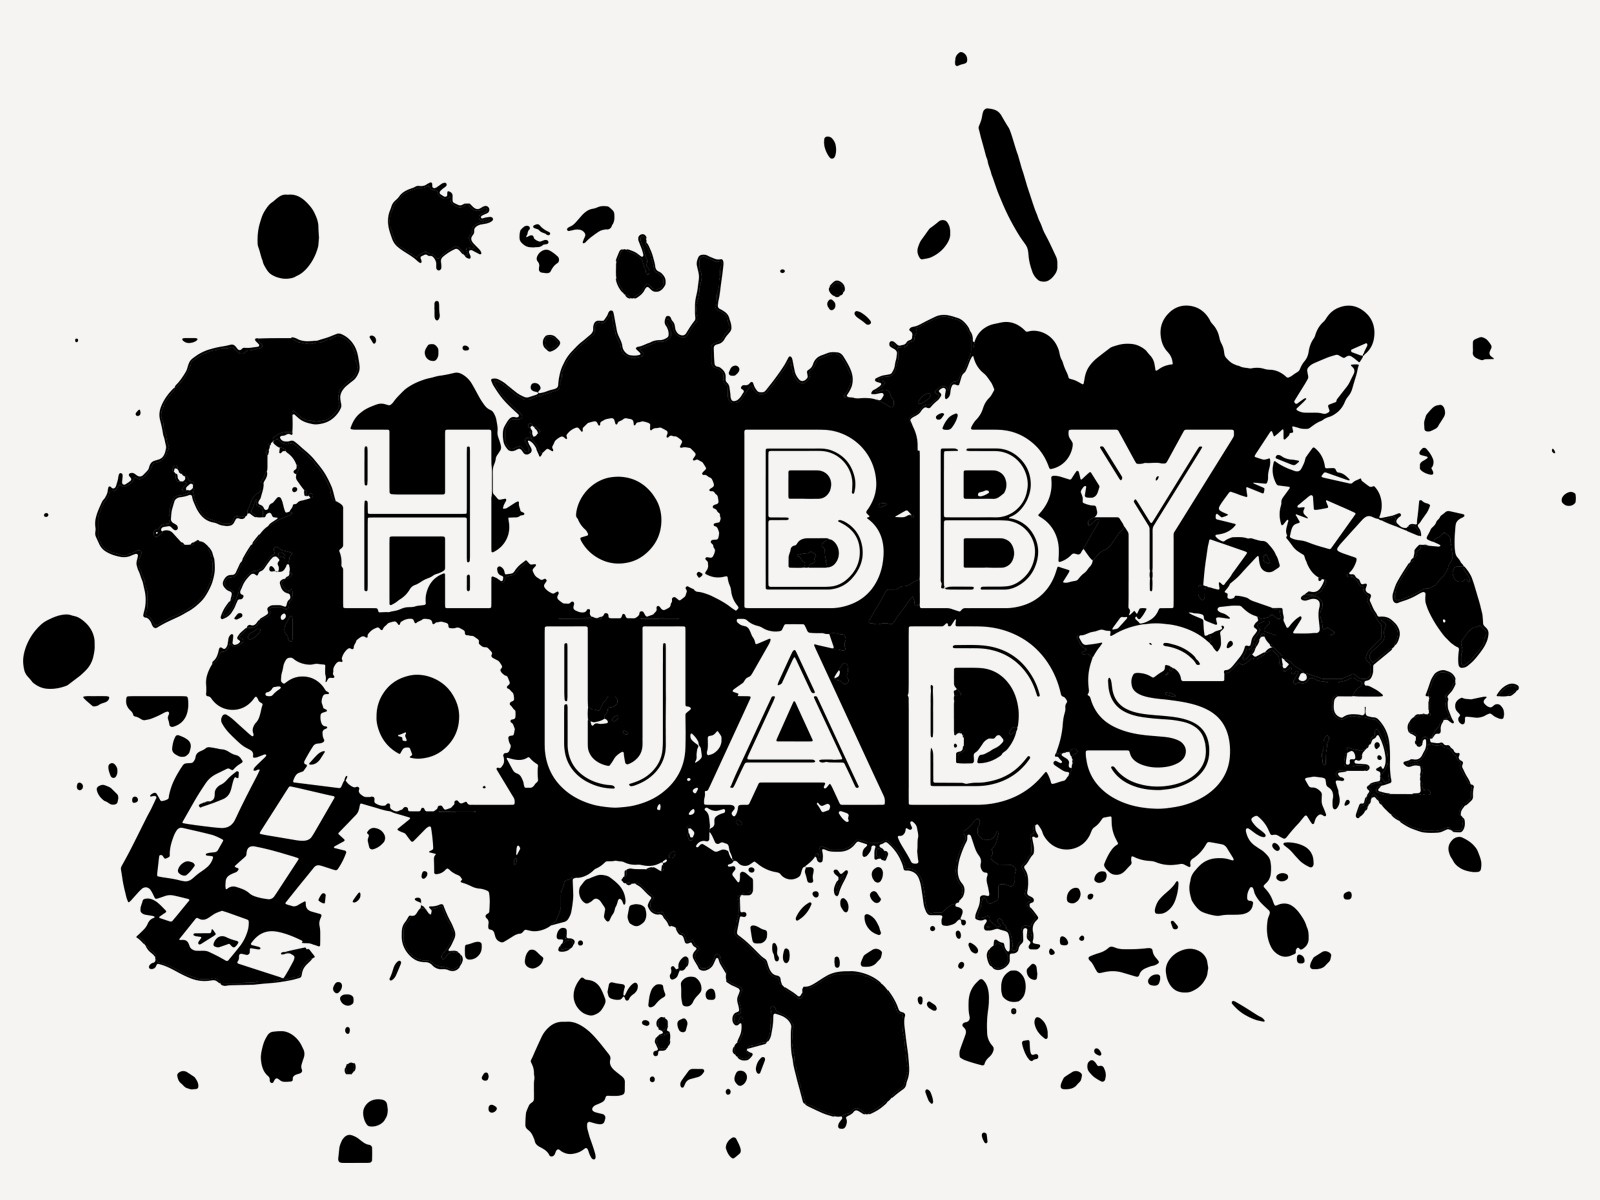 HobbyQuads